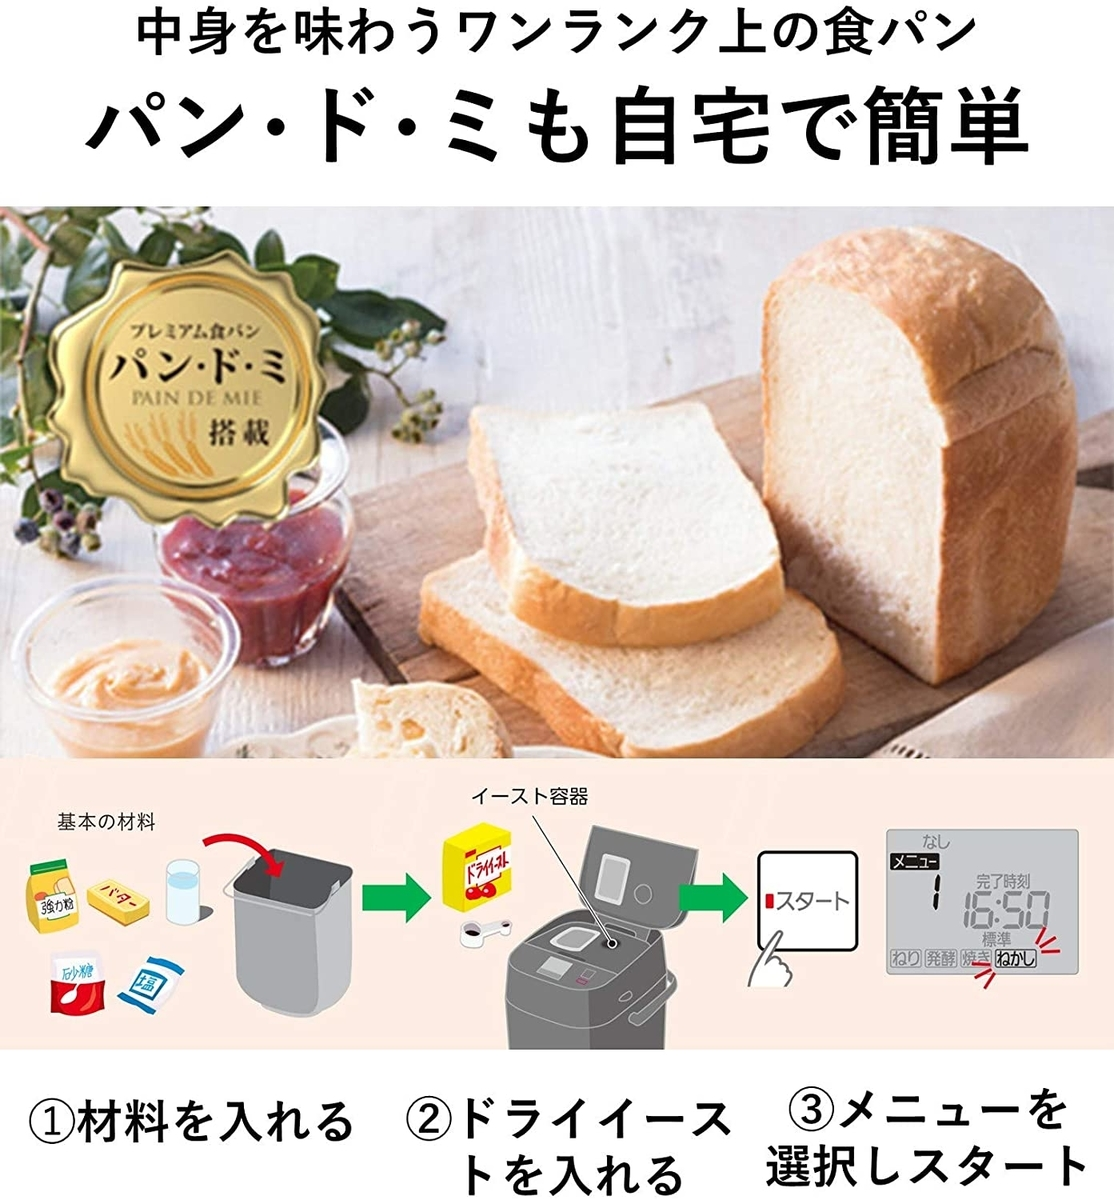 f:id:haruki8282:20210105130348j:plain